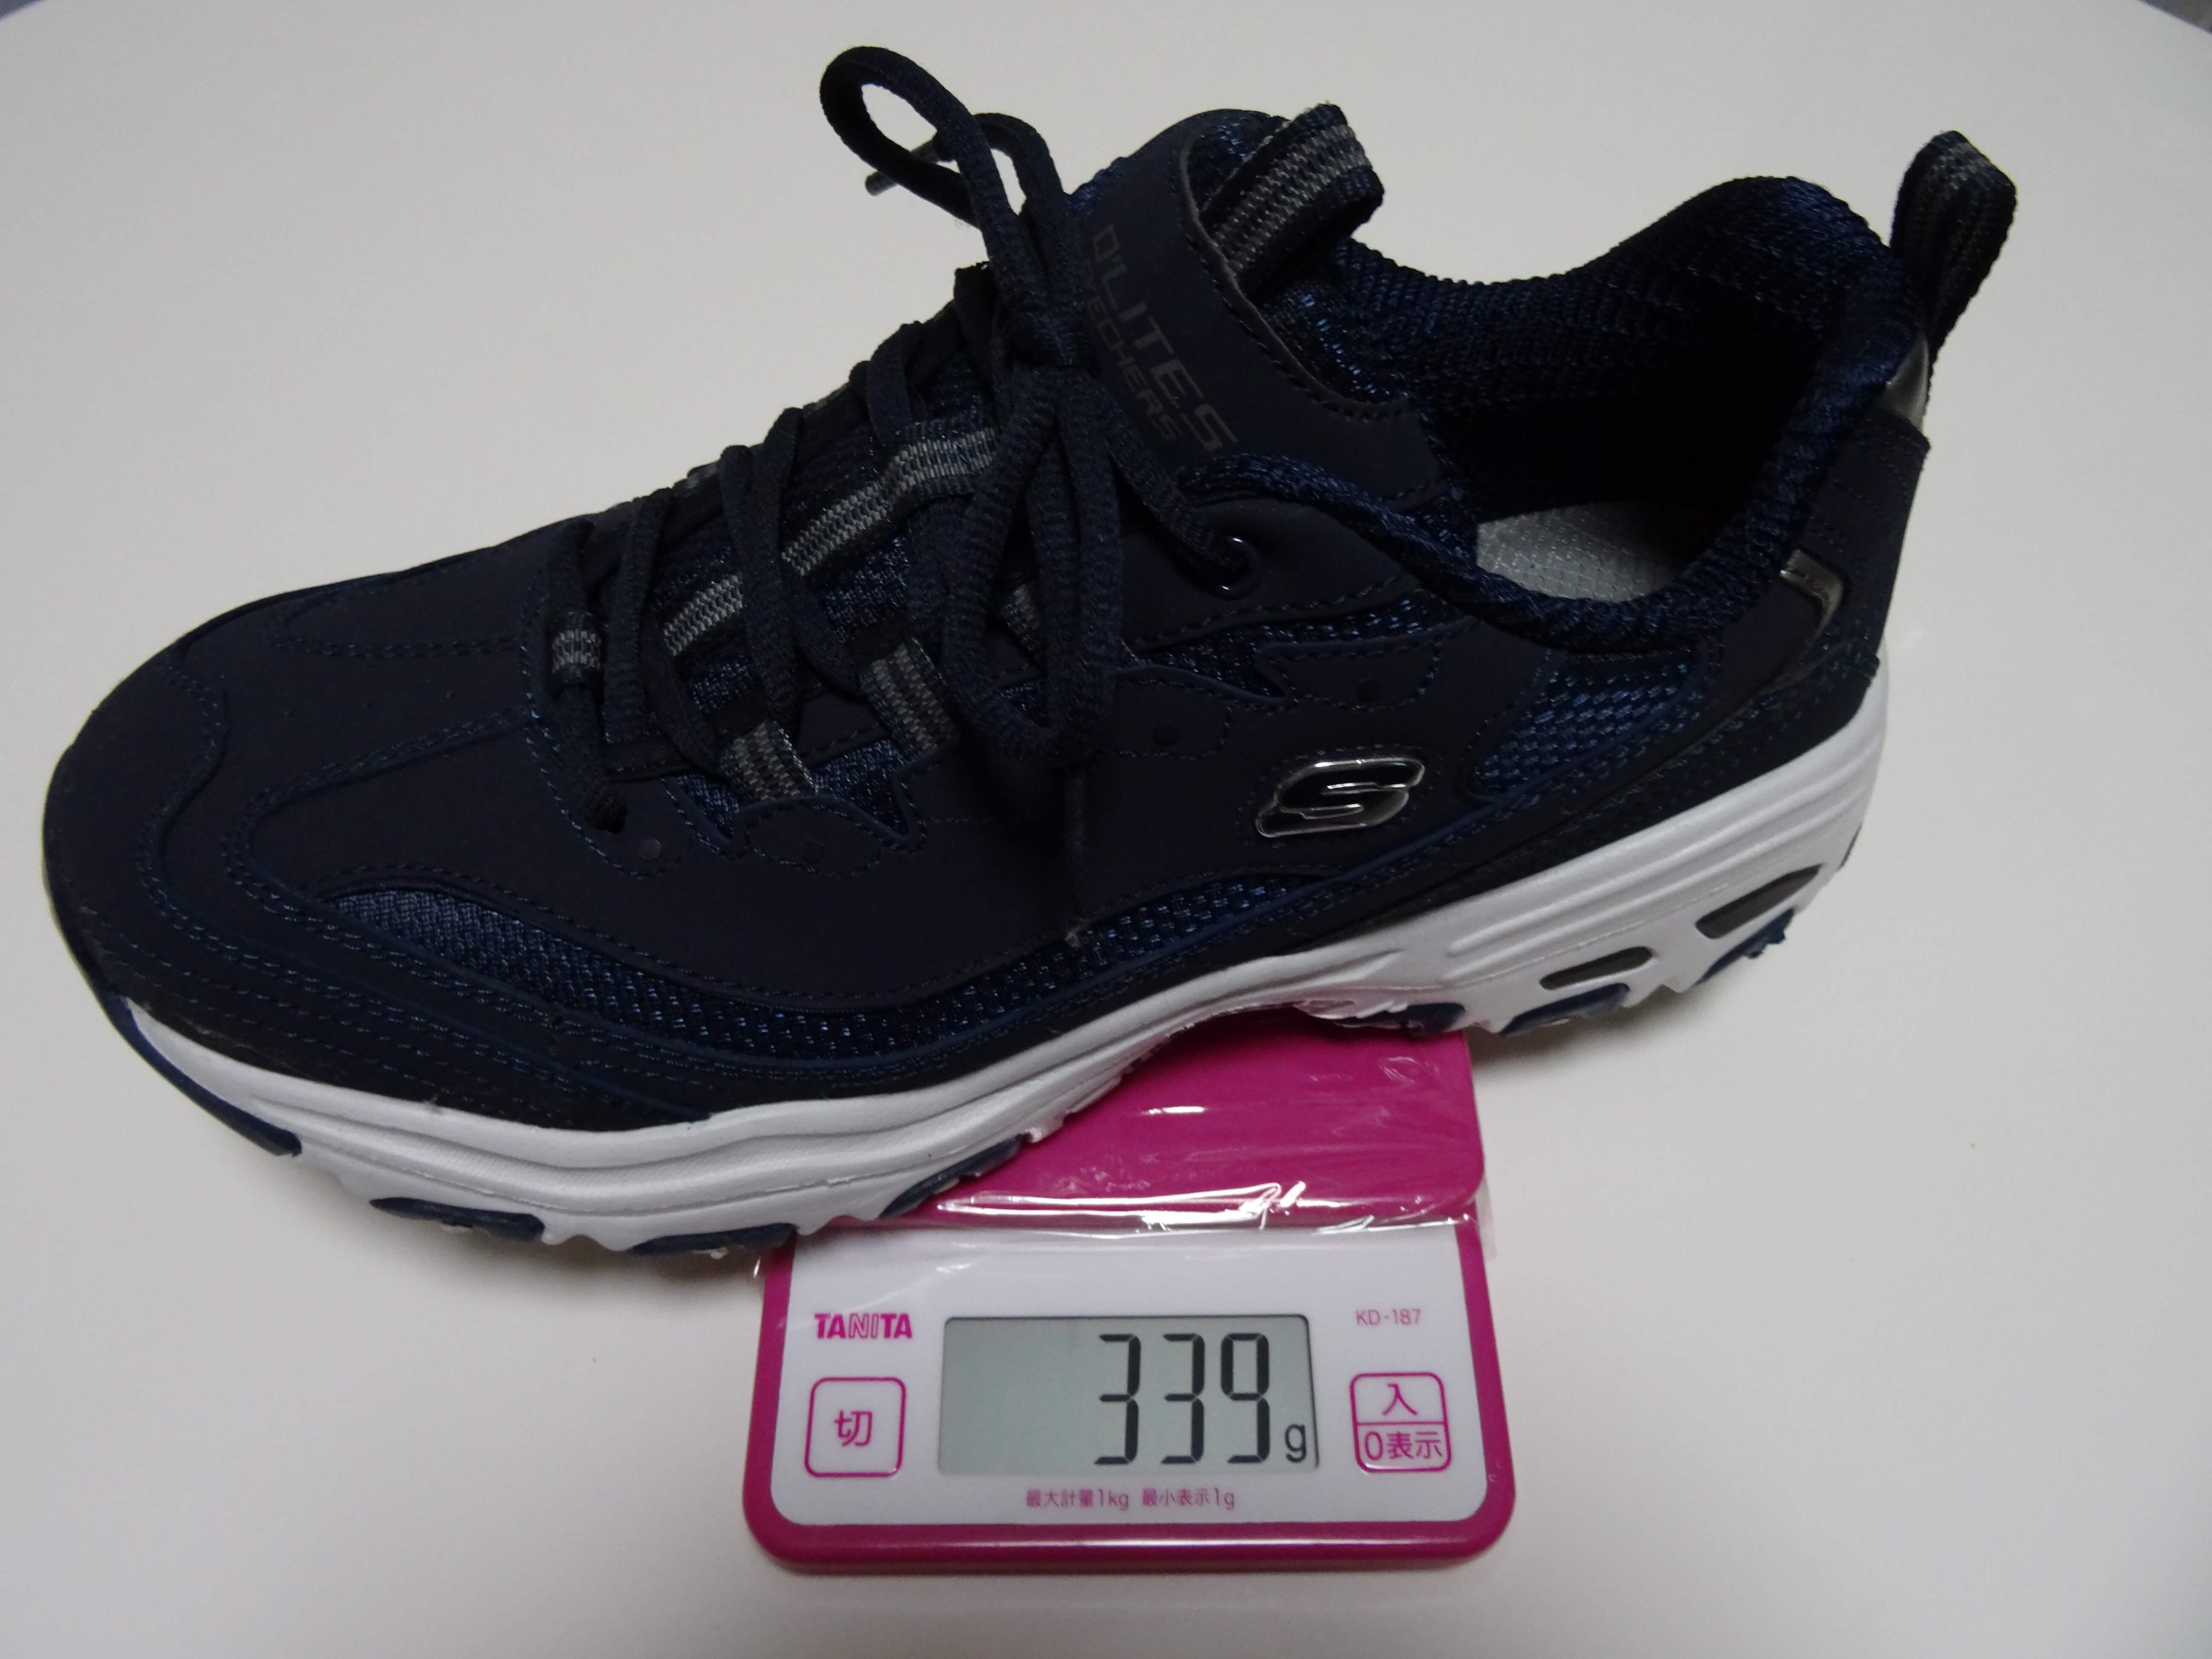 靴の質量(339g)